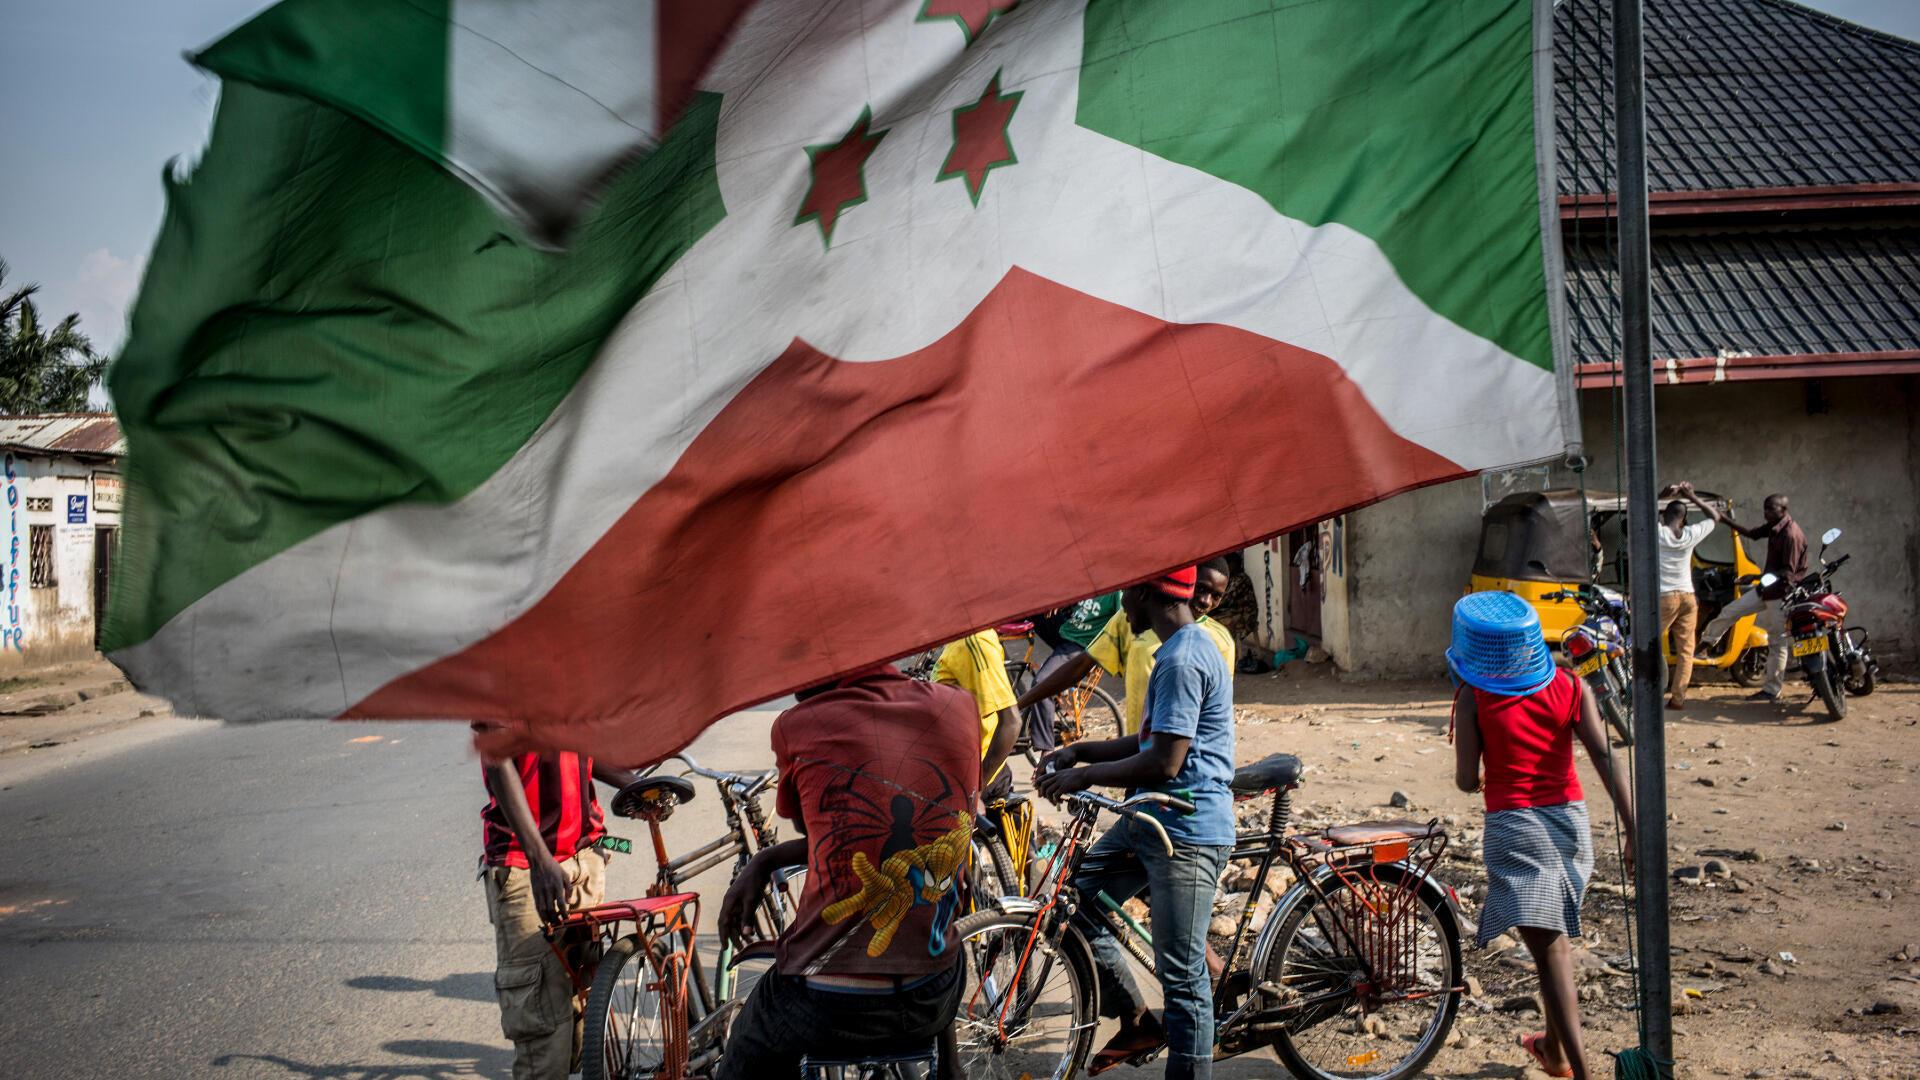 Waendesha baisikeli za kukodiwa wakiwa chini ya bendera ya Burundi huko Cibitoke, moja ya wilaya za Bujumbura, Juni 22, 2015 (picha ya kumbukumbu).